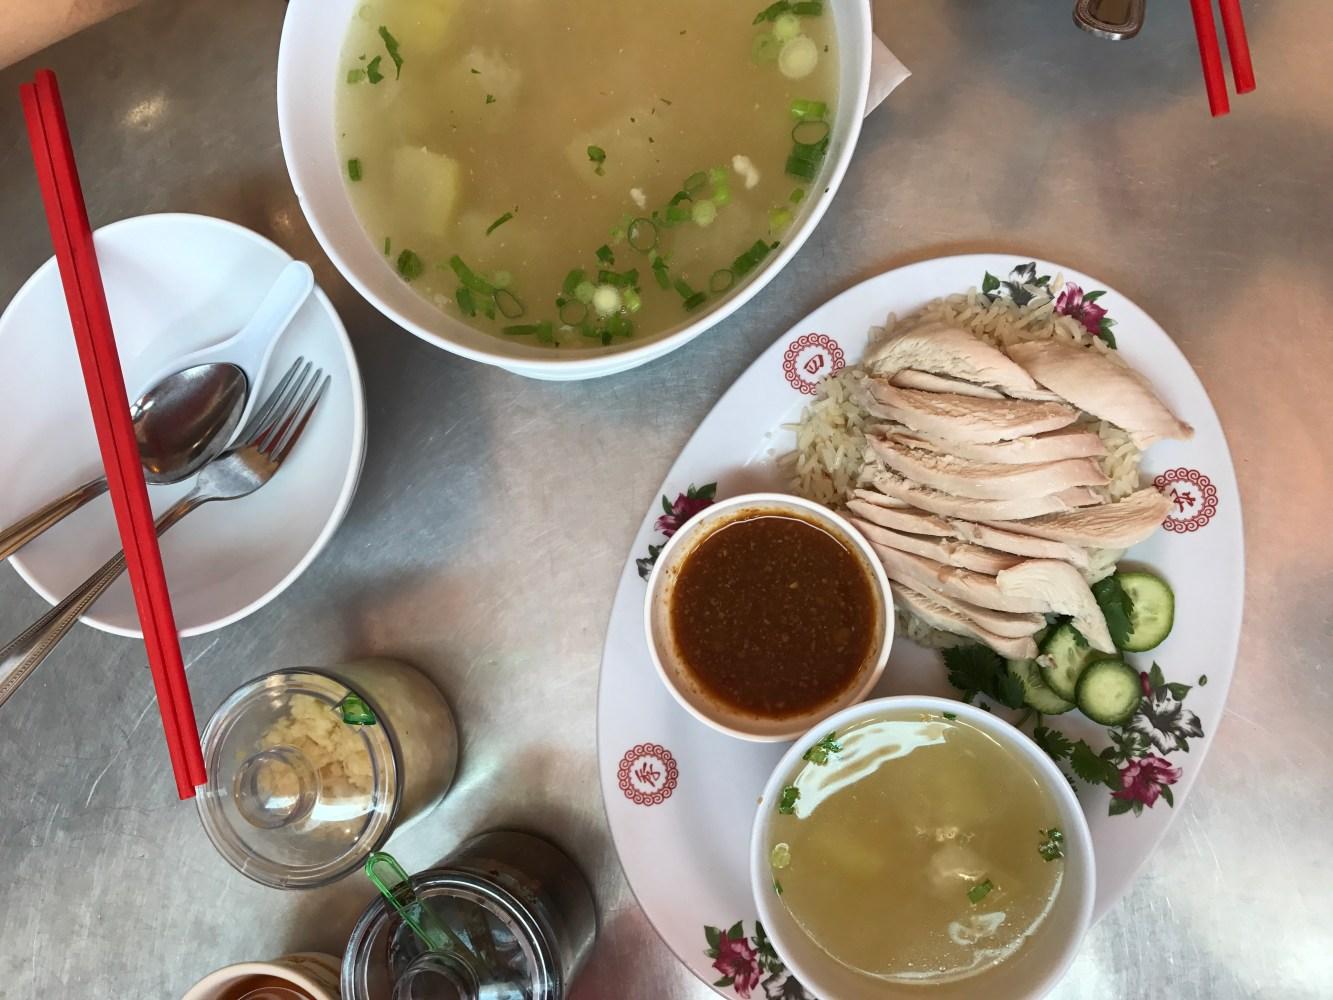 Nong's Khao Man Gai